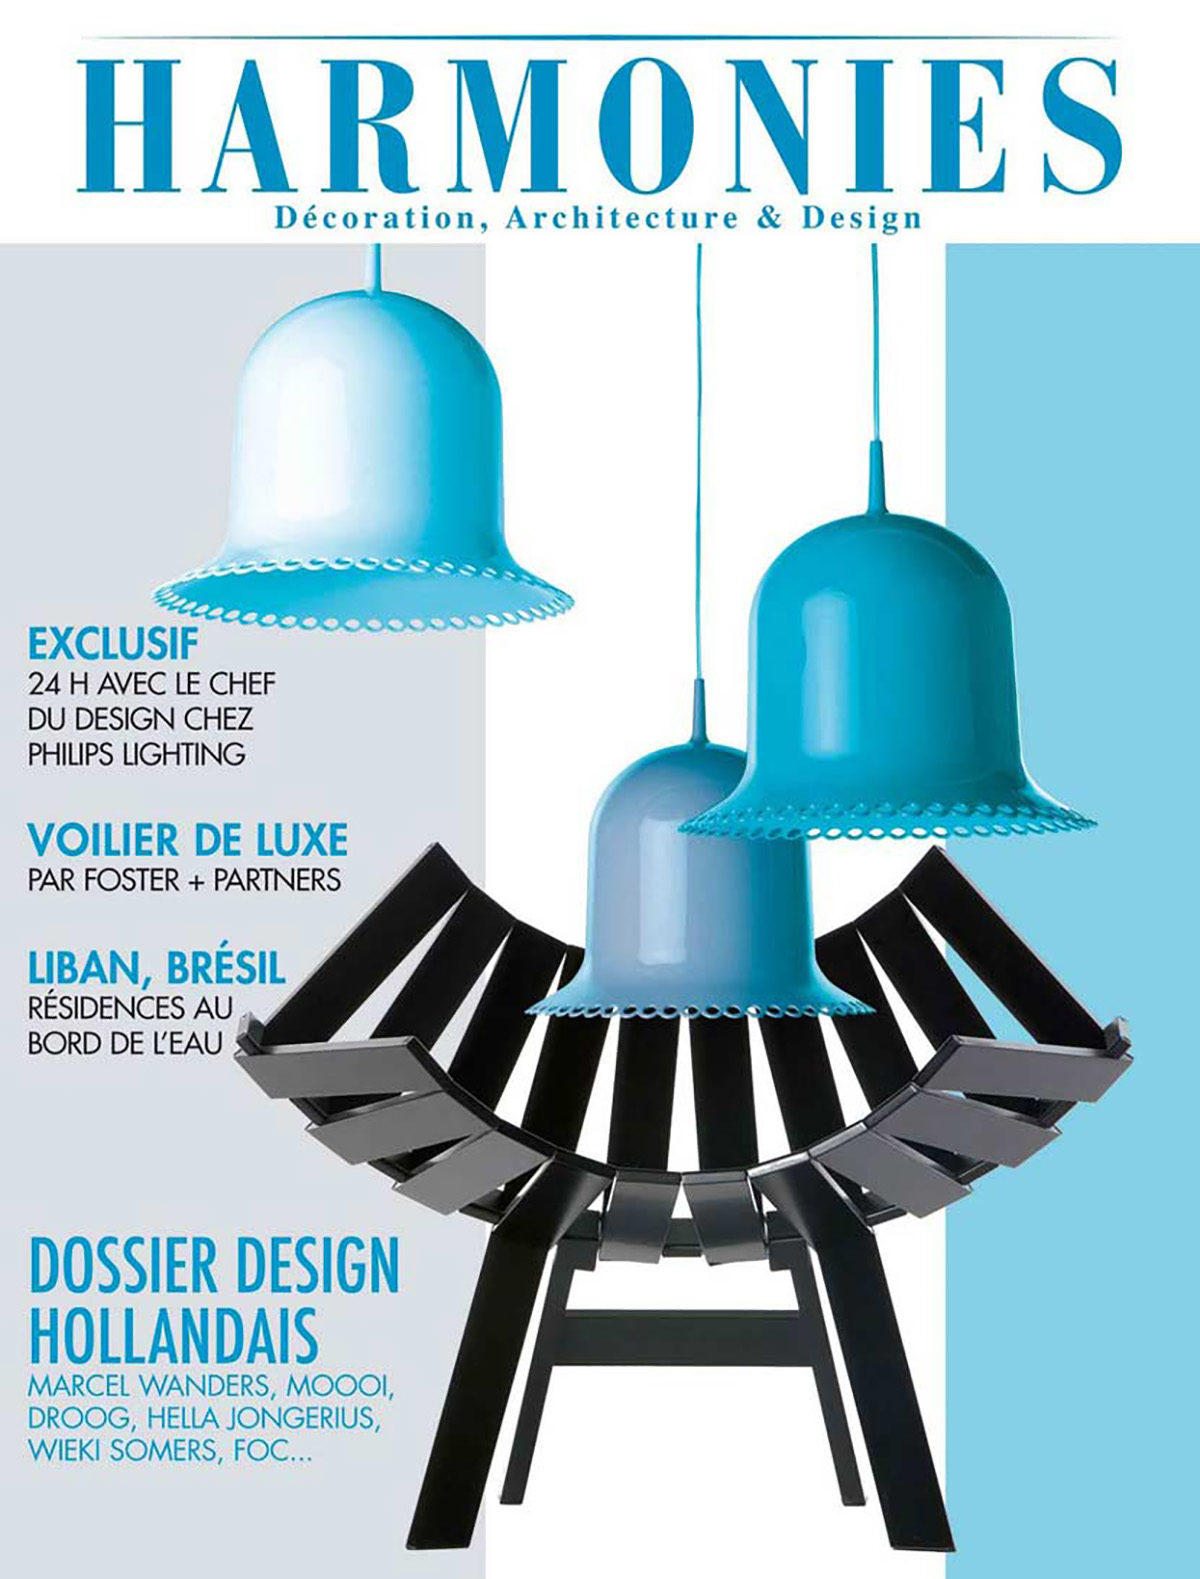 Parution presse HARMONIES 2012 Claude Cartier décoration architecte d'intérieur à Lyon.